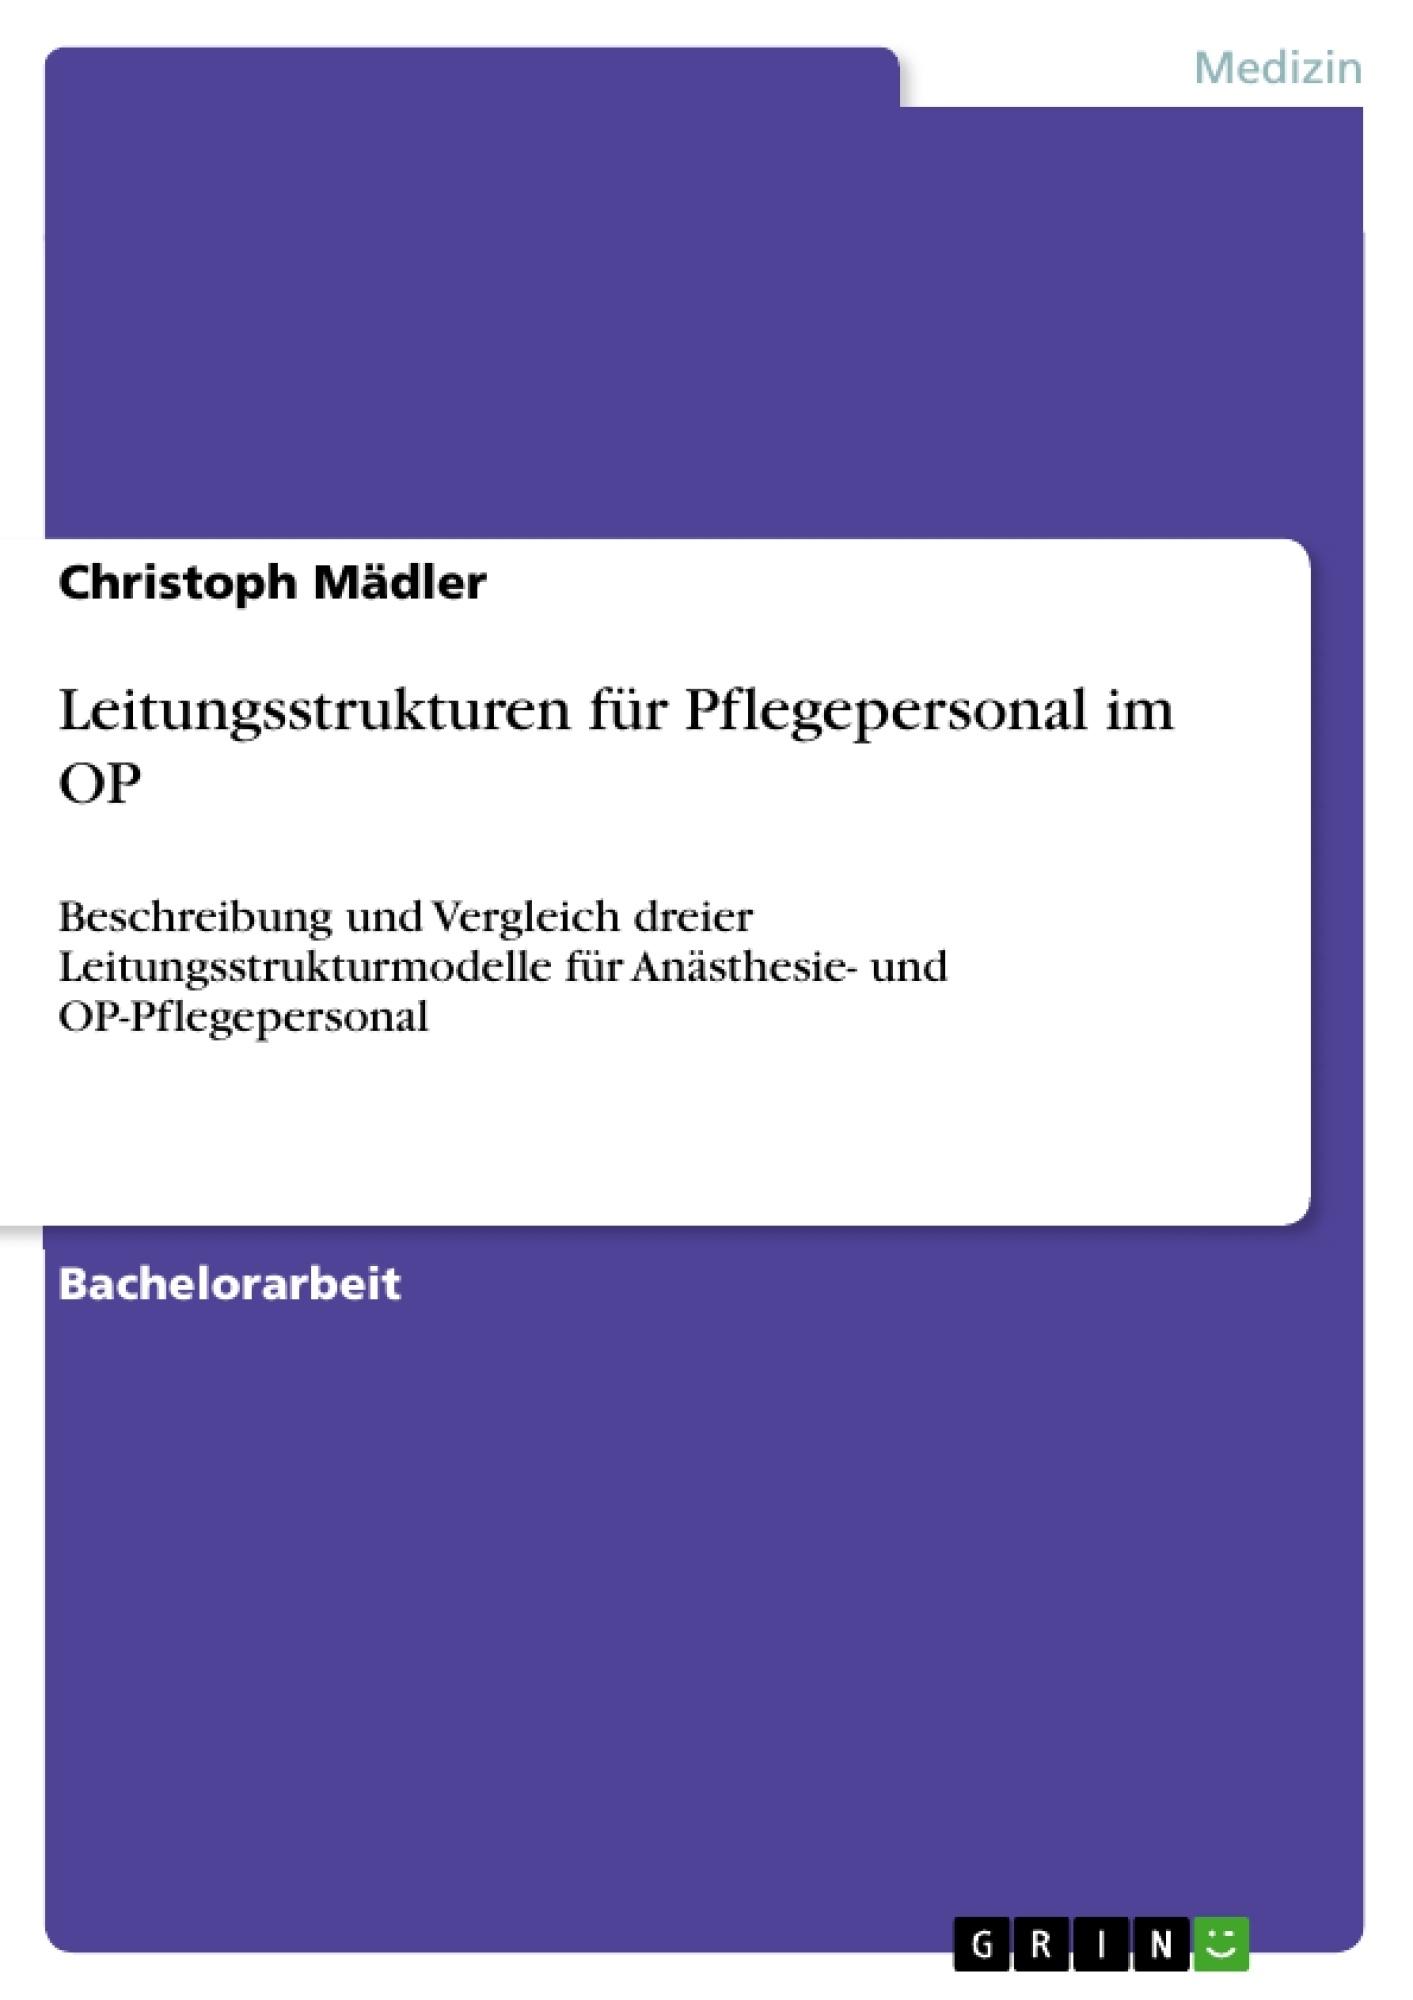 Titel: Leitungsstrukturen für Pflegepersonal im OP